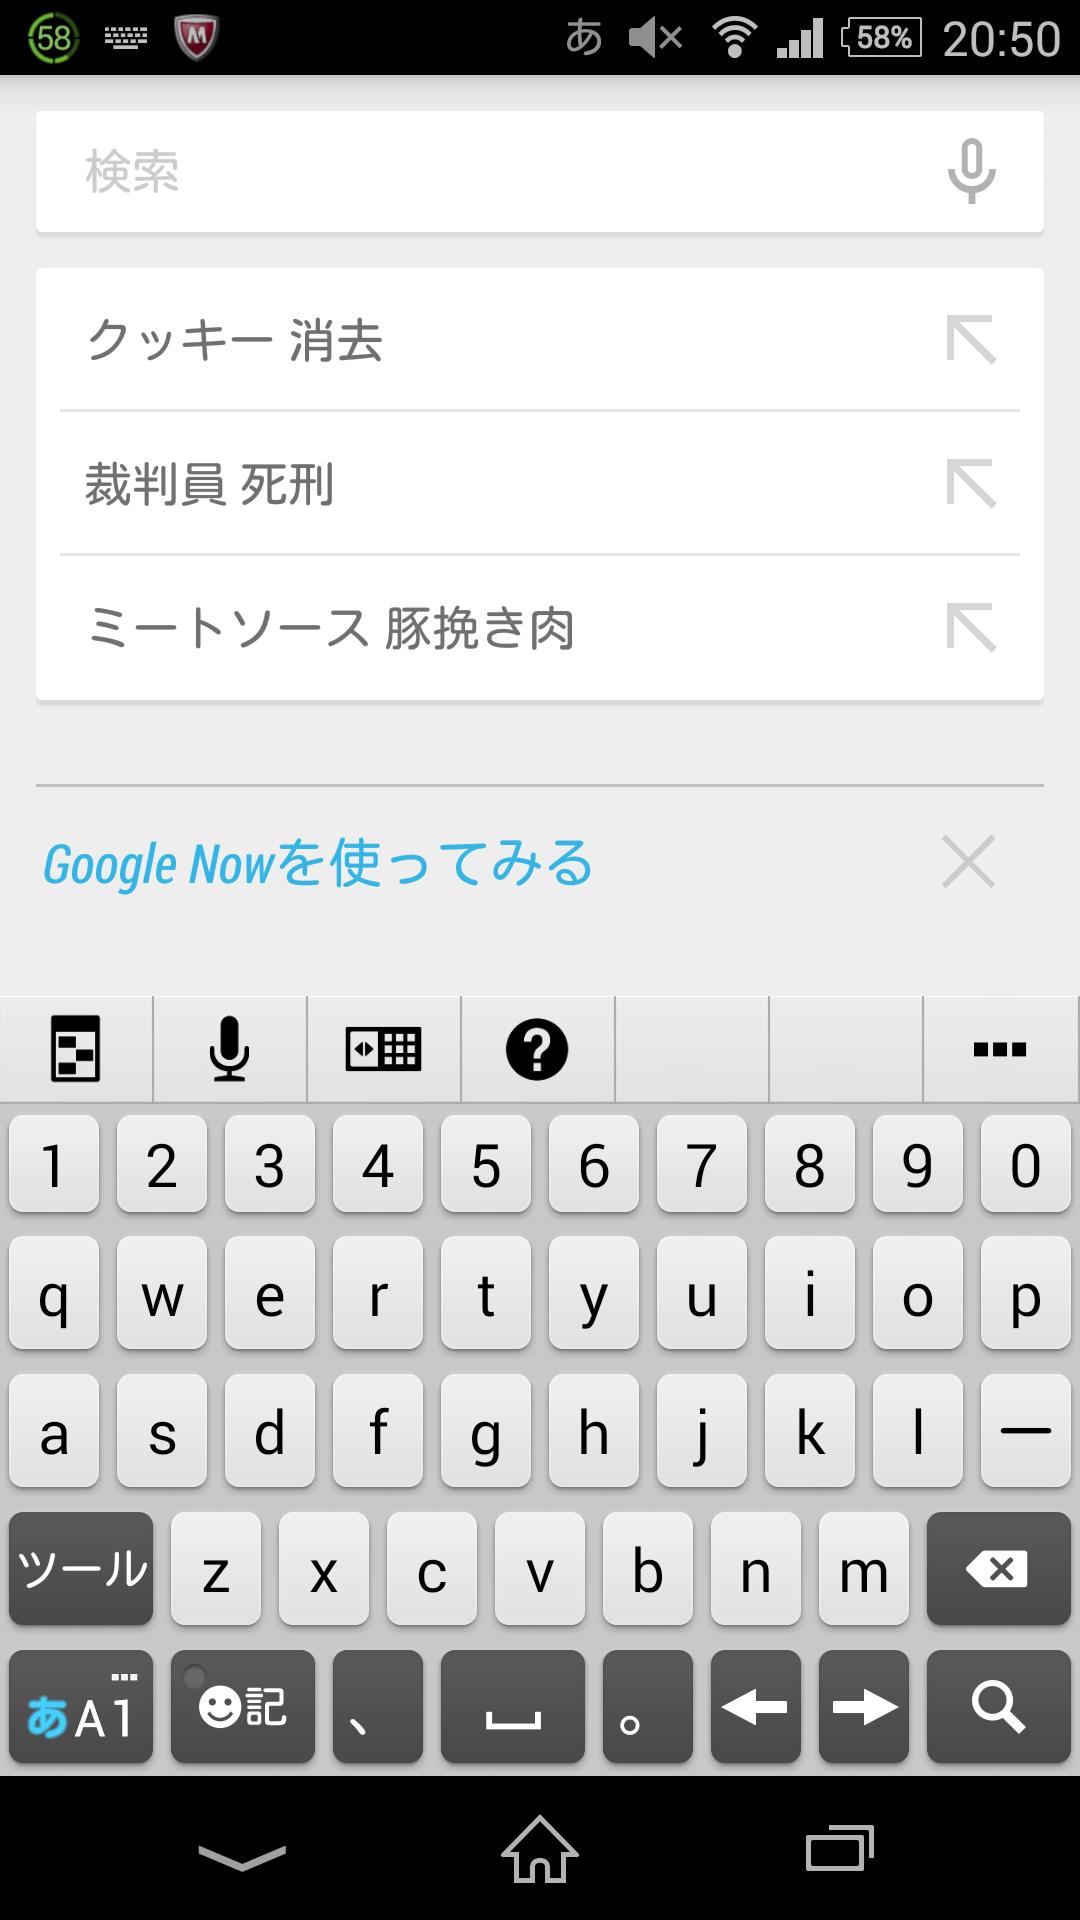 検索好きな方、最近何を検索しましたか?